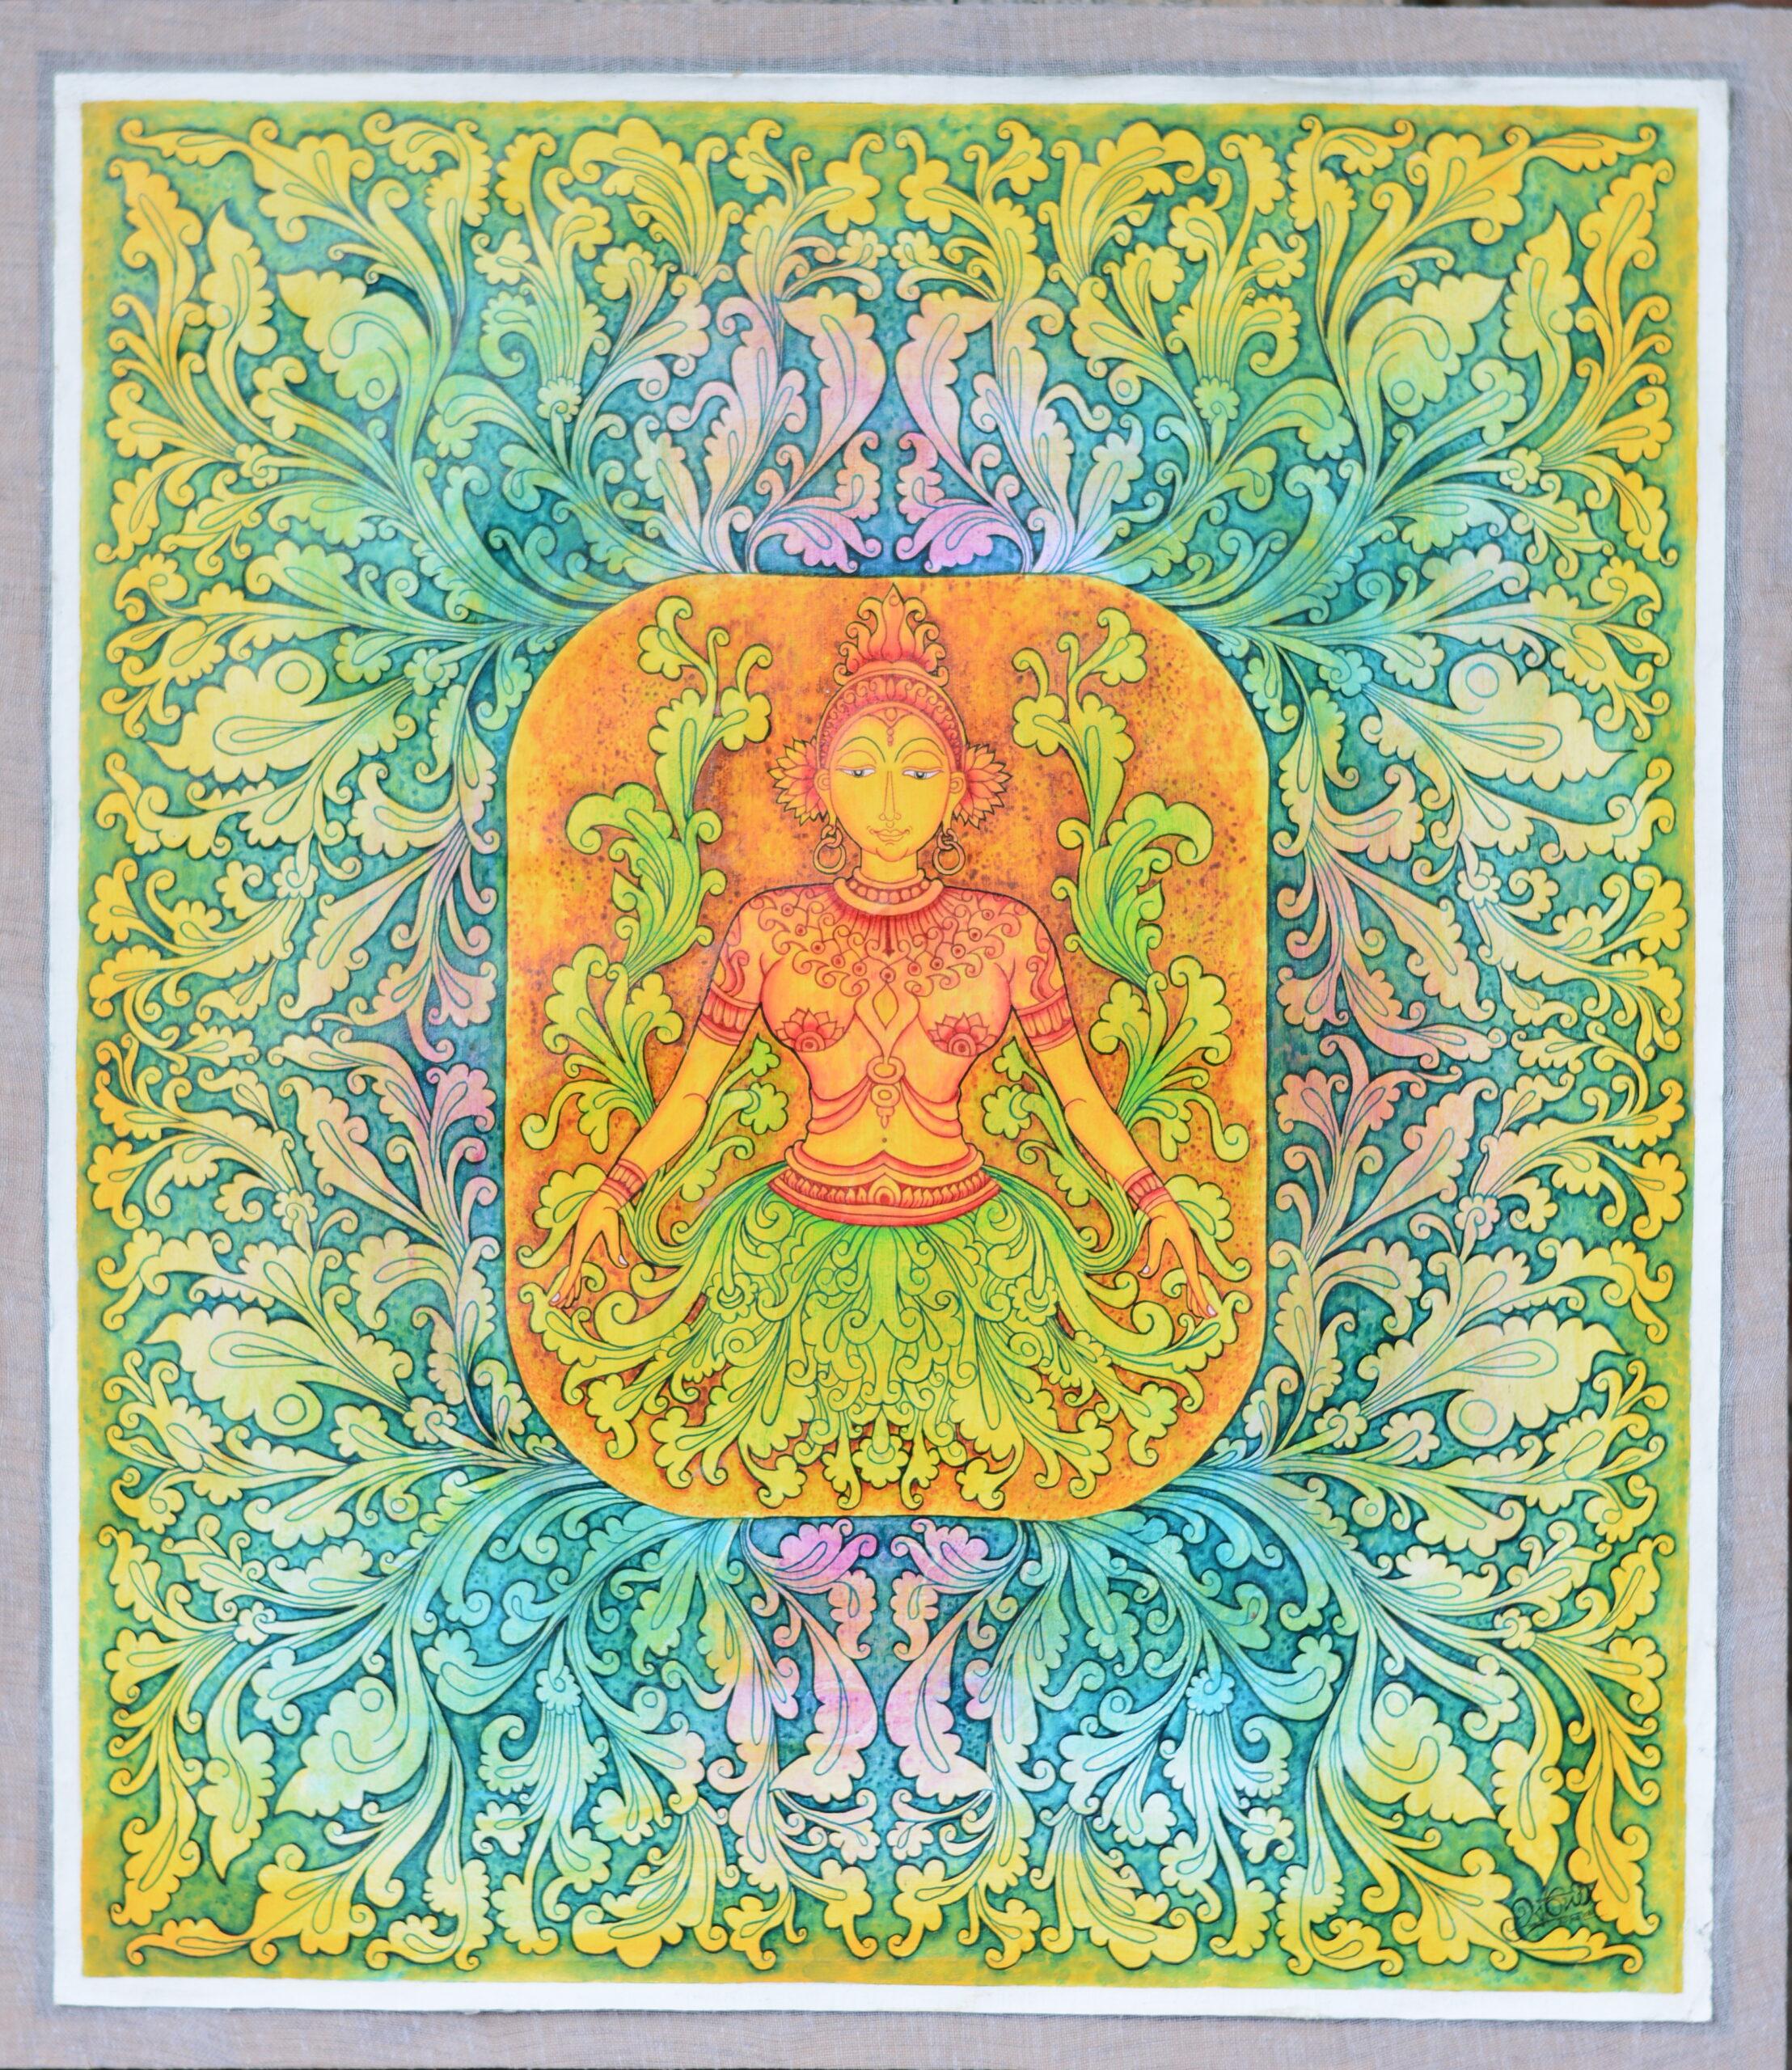 The Goddess of fortune_U.G.Kalani Poornima Gunawardhana